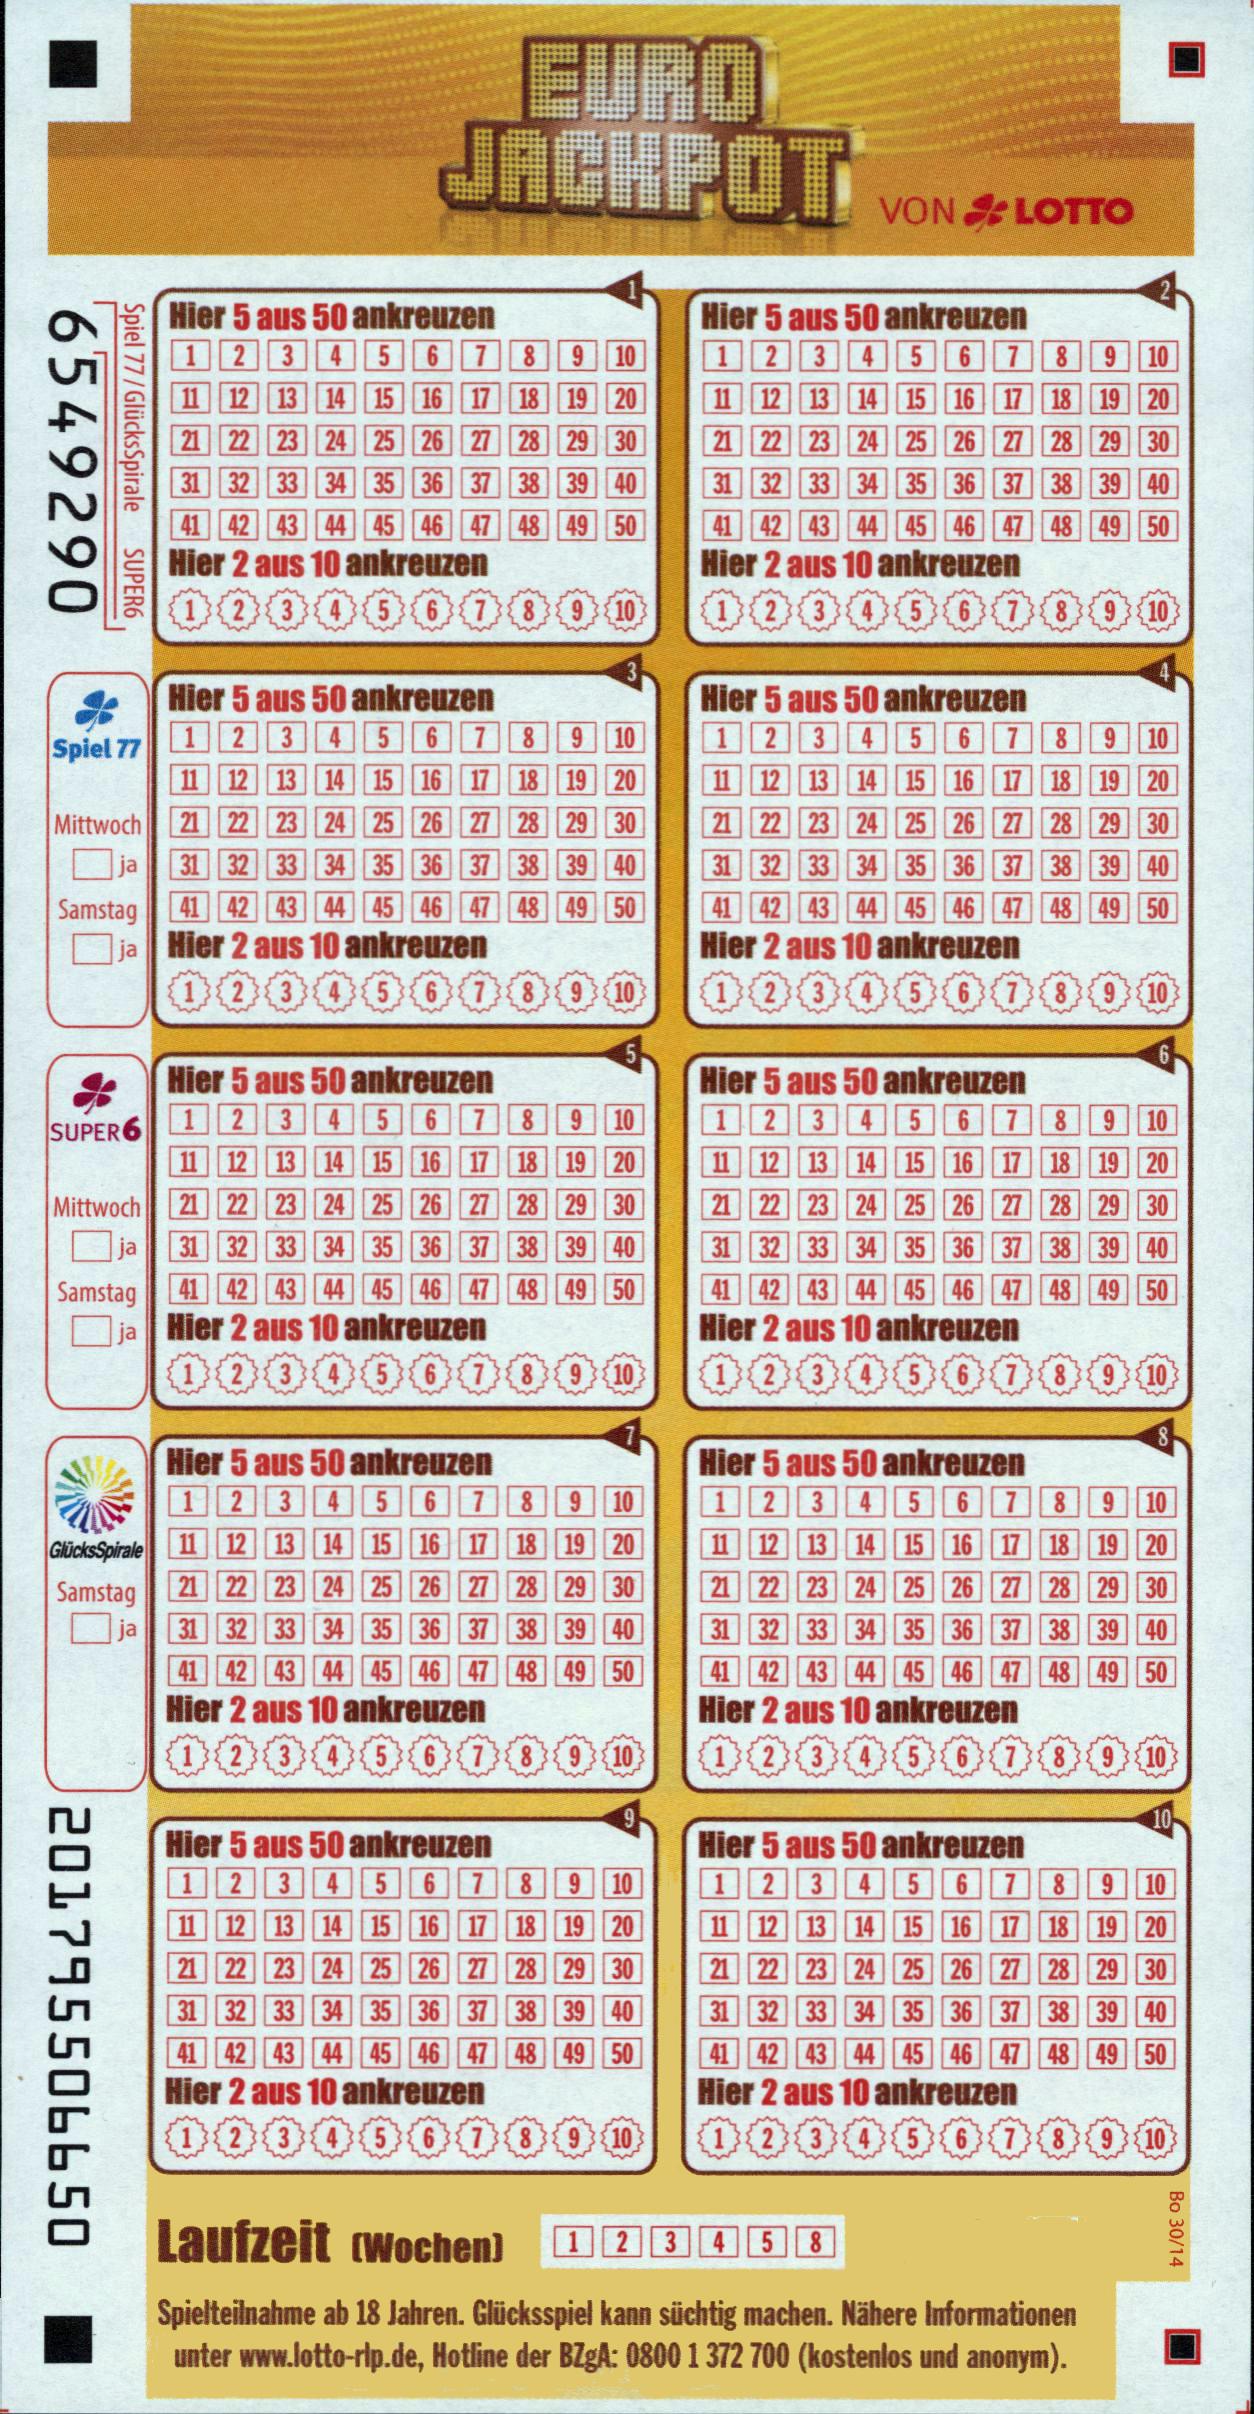 Eurojackpot: aktuelle gewinnzahlen und quoten vom 29.07.16